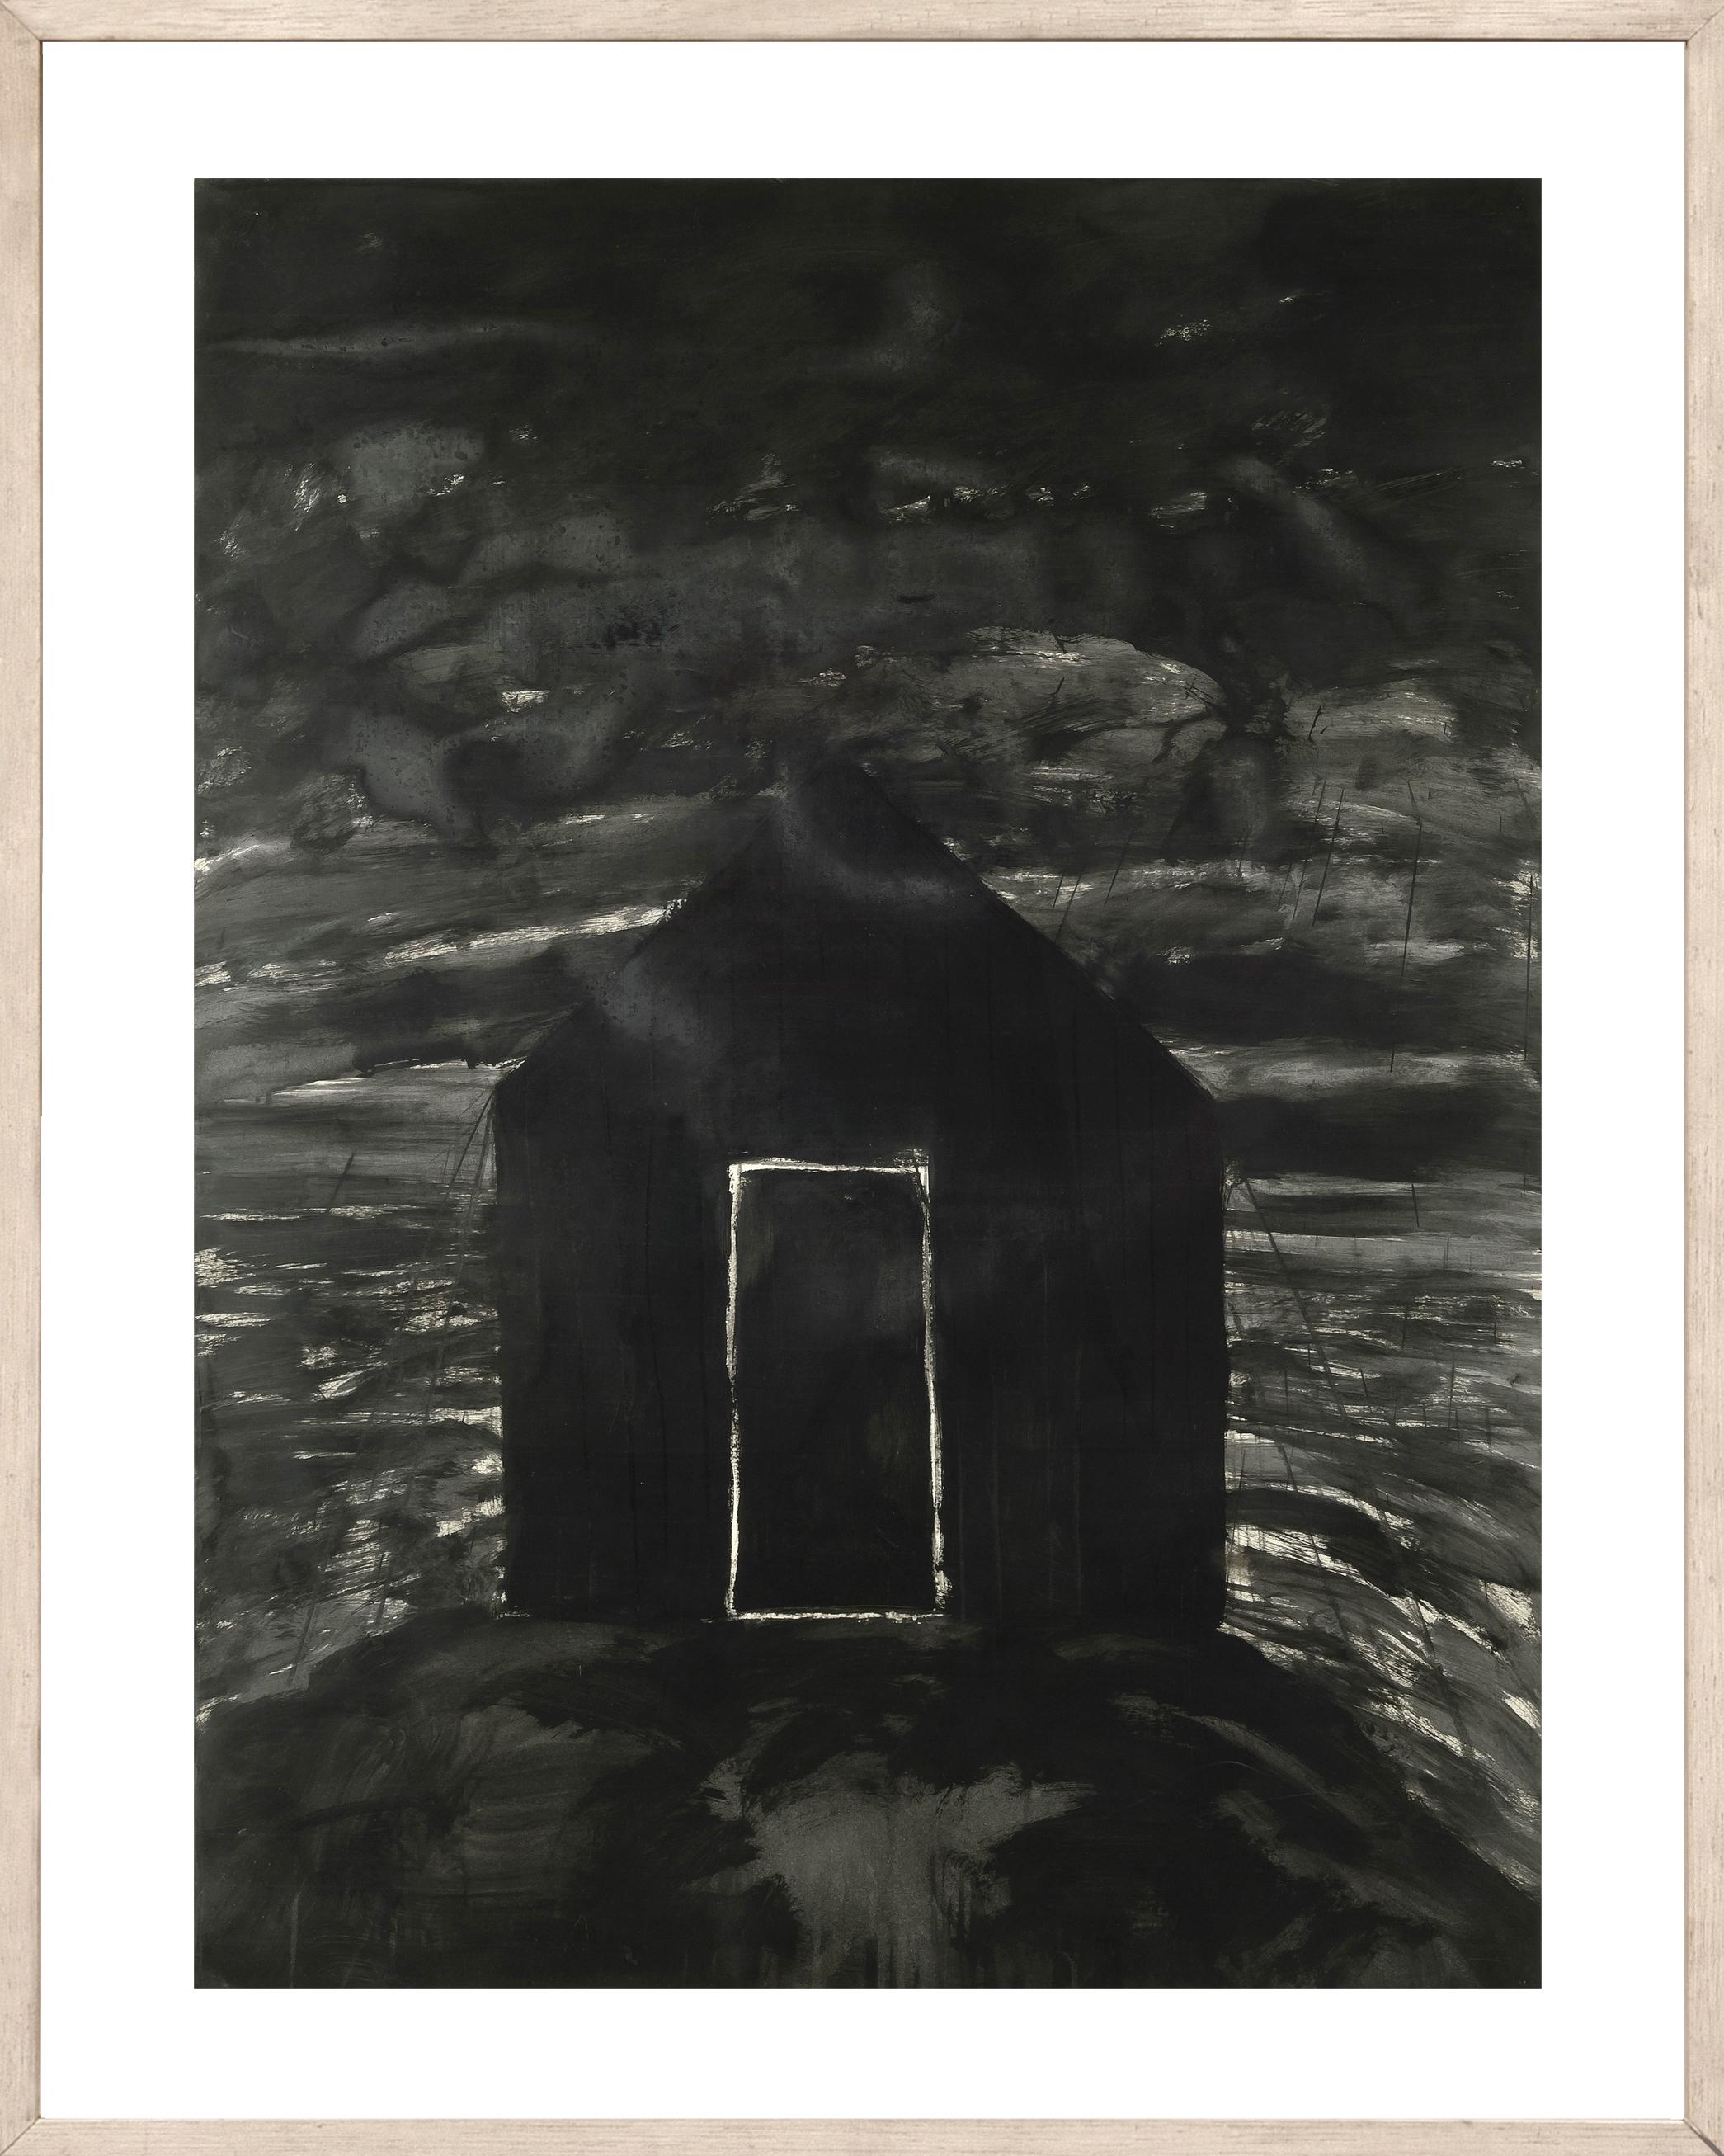 Antony Gormley - The Hut 2/2